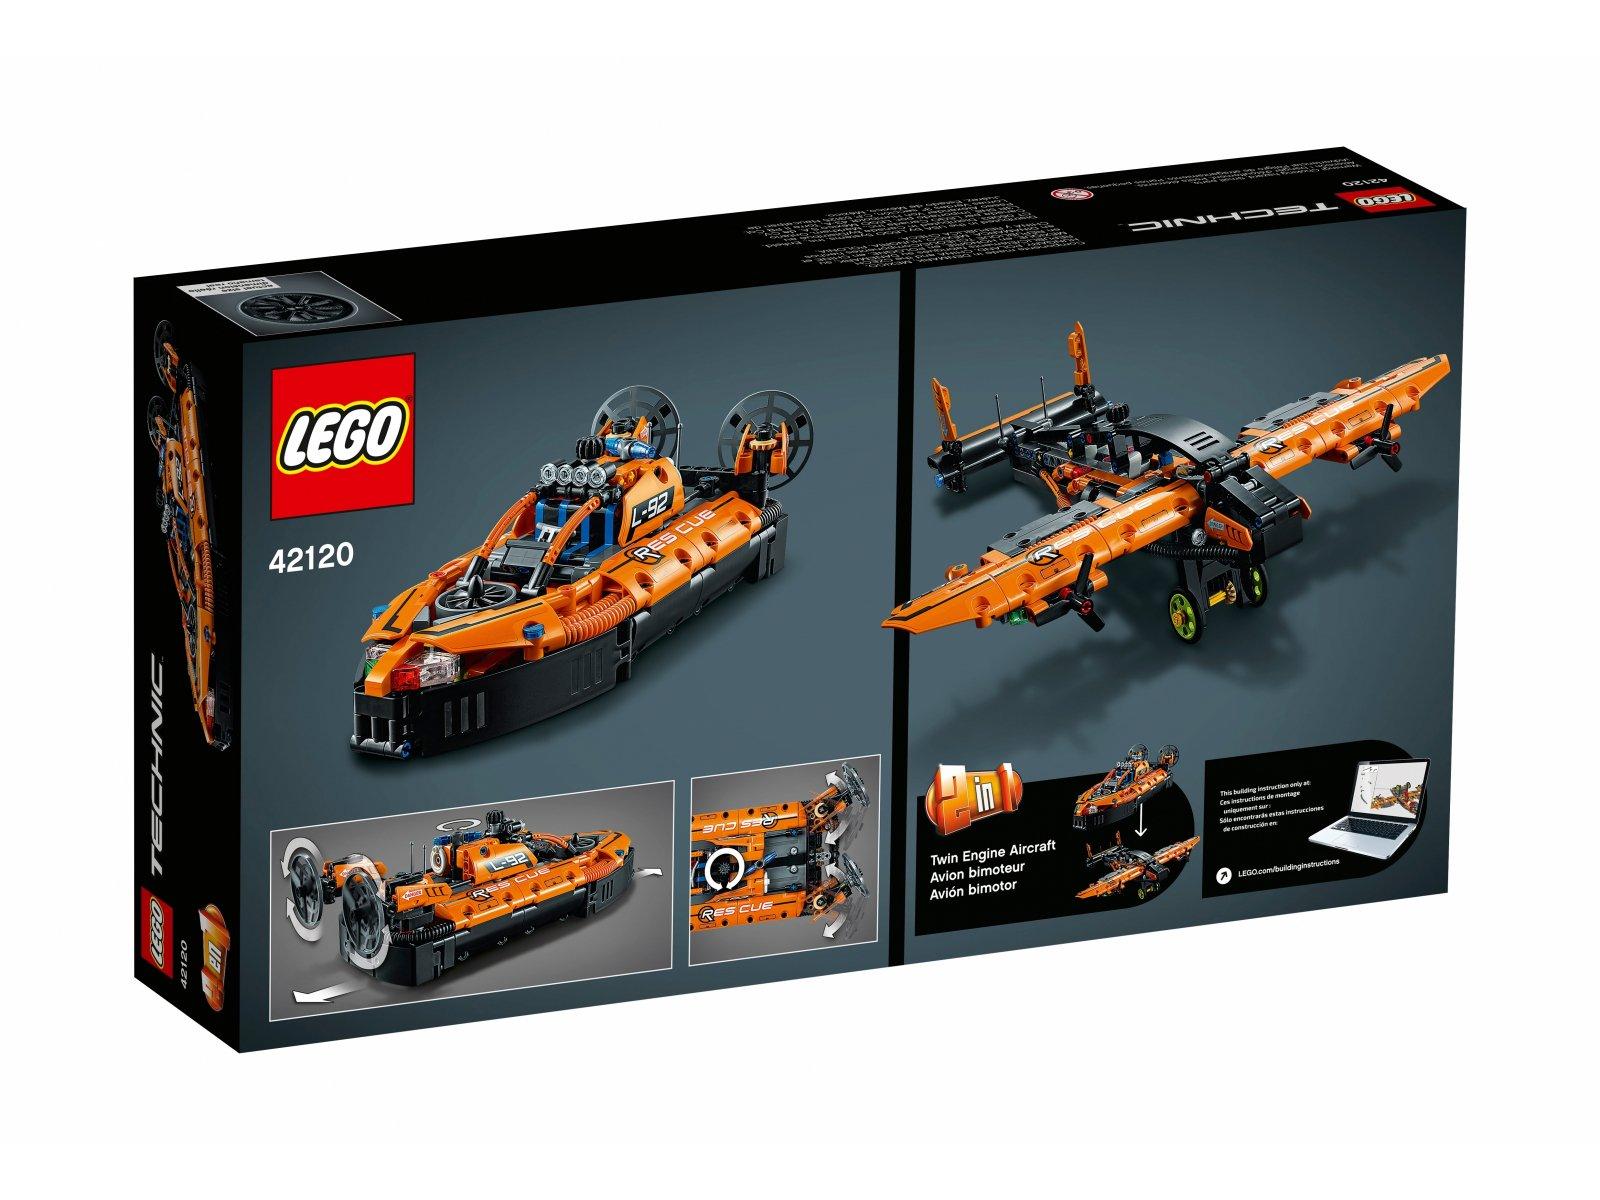 LEGO 42120 Technic Poduszkowiec ratowniczy